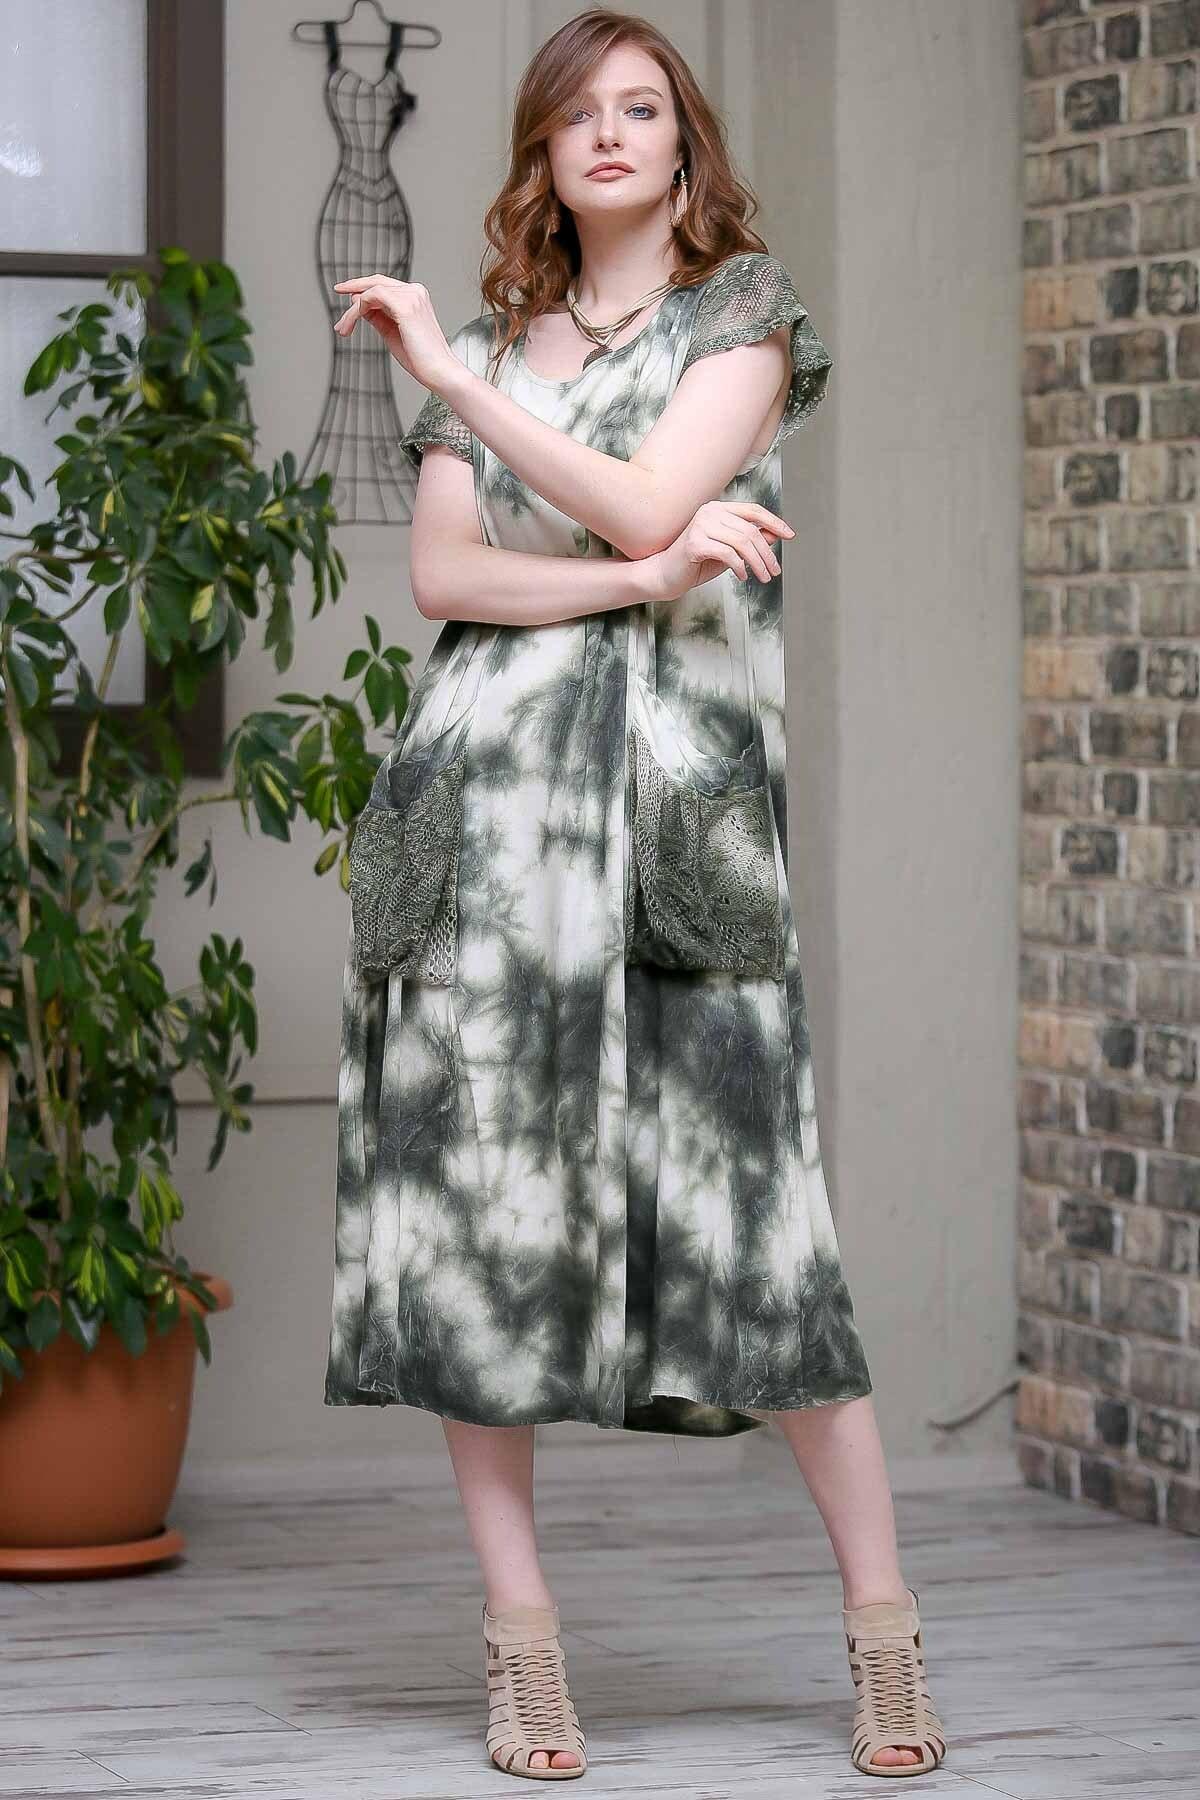 Chiccy Kadın Yeşil Desenli Dantel Kol Ve Cep Detaylı Salaş Yıkamalı Astarlı Dokuma Elbise  M10160000EL97244 2